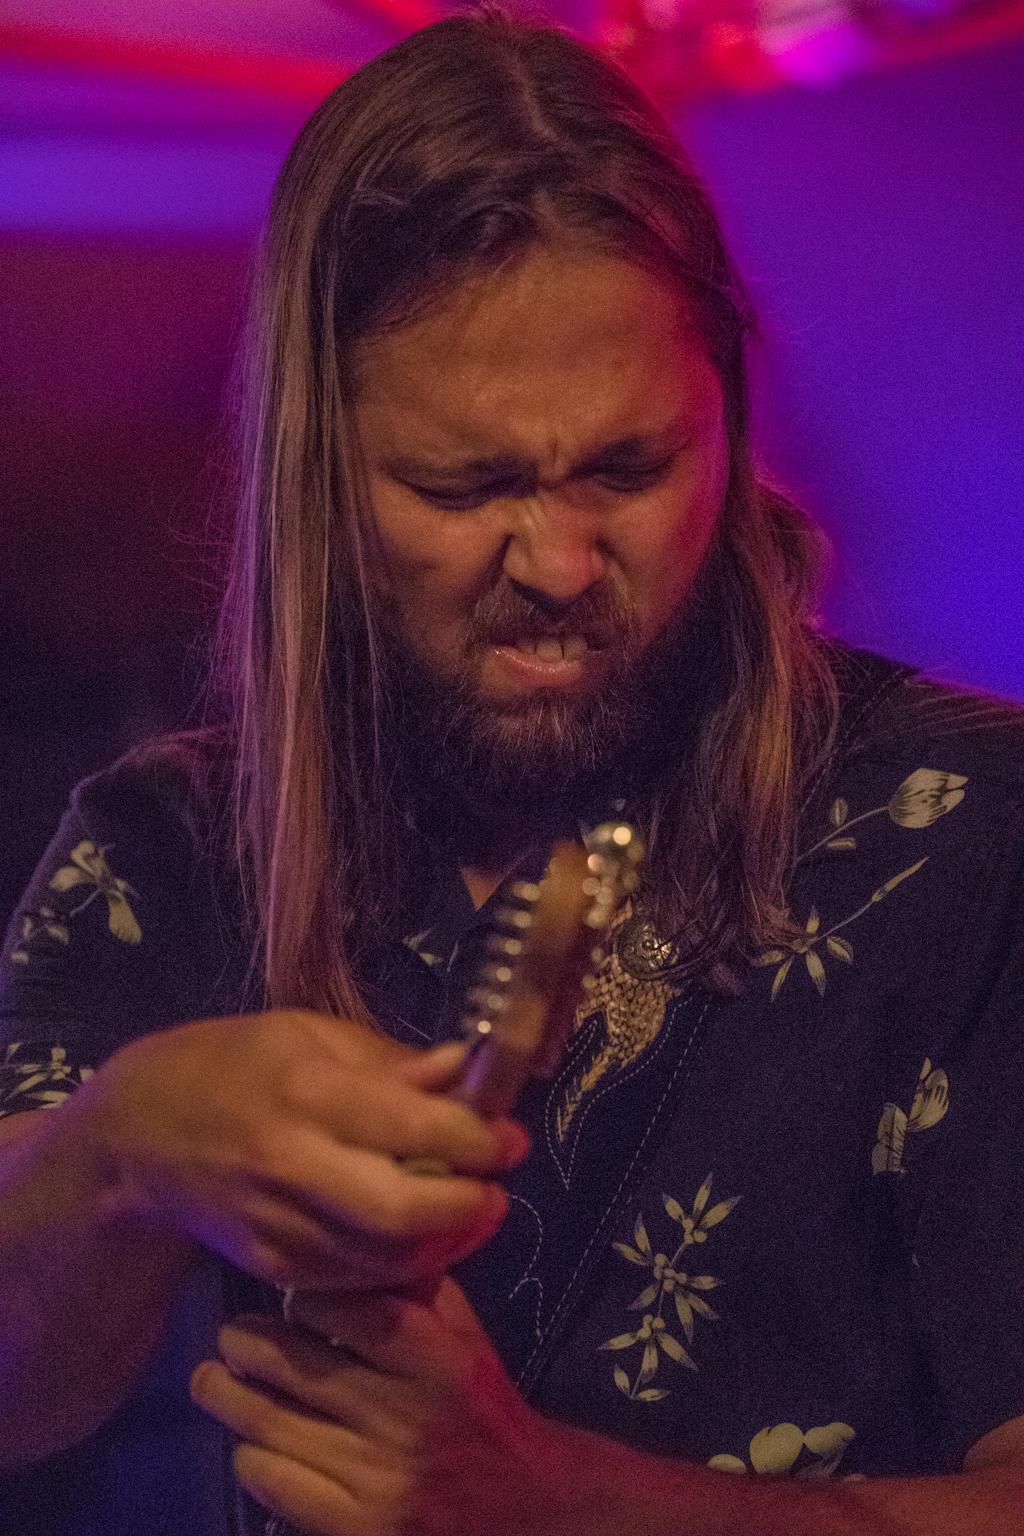 Leif de Leeuw